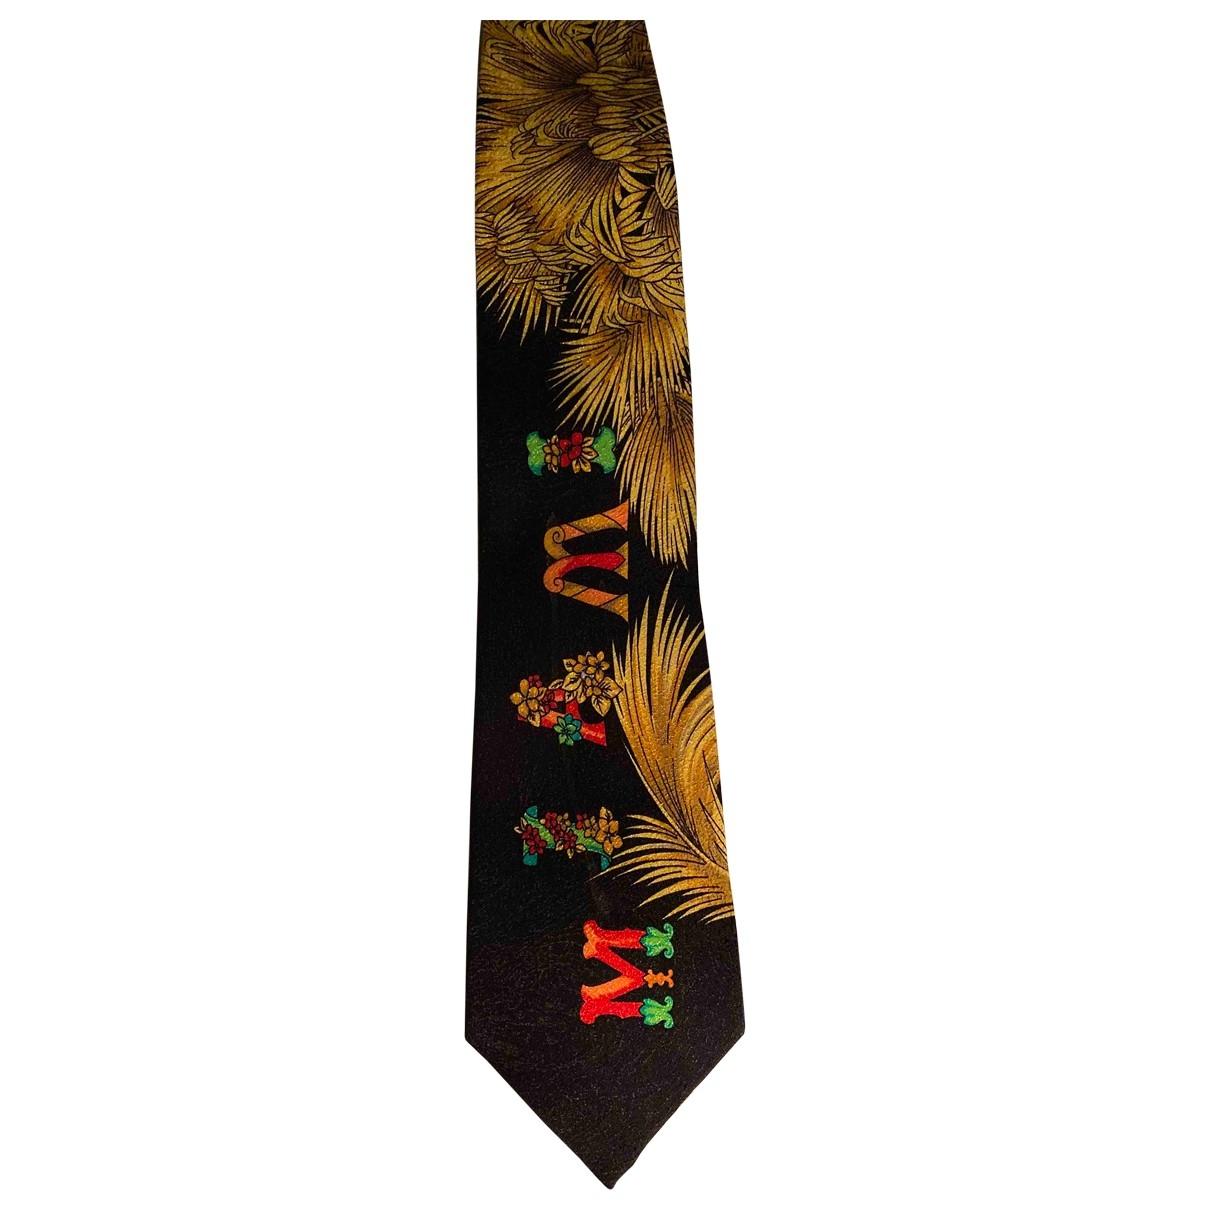 Gianni Versace - Cravates   pour homme en coton - multicolore